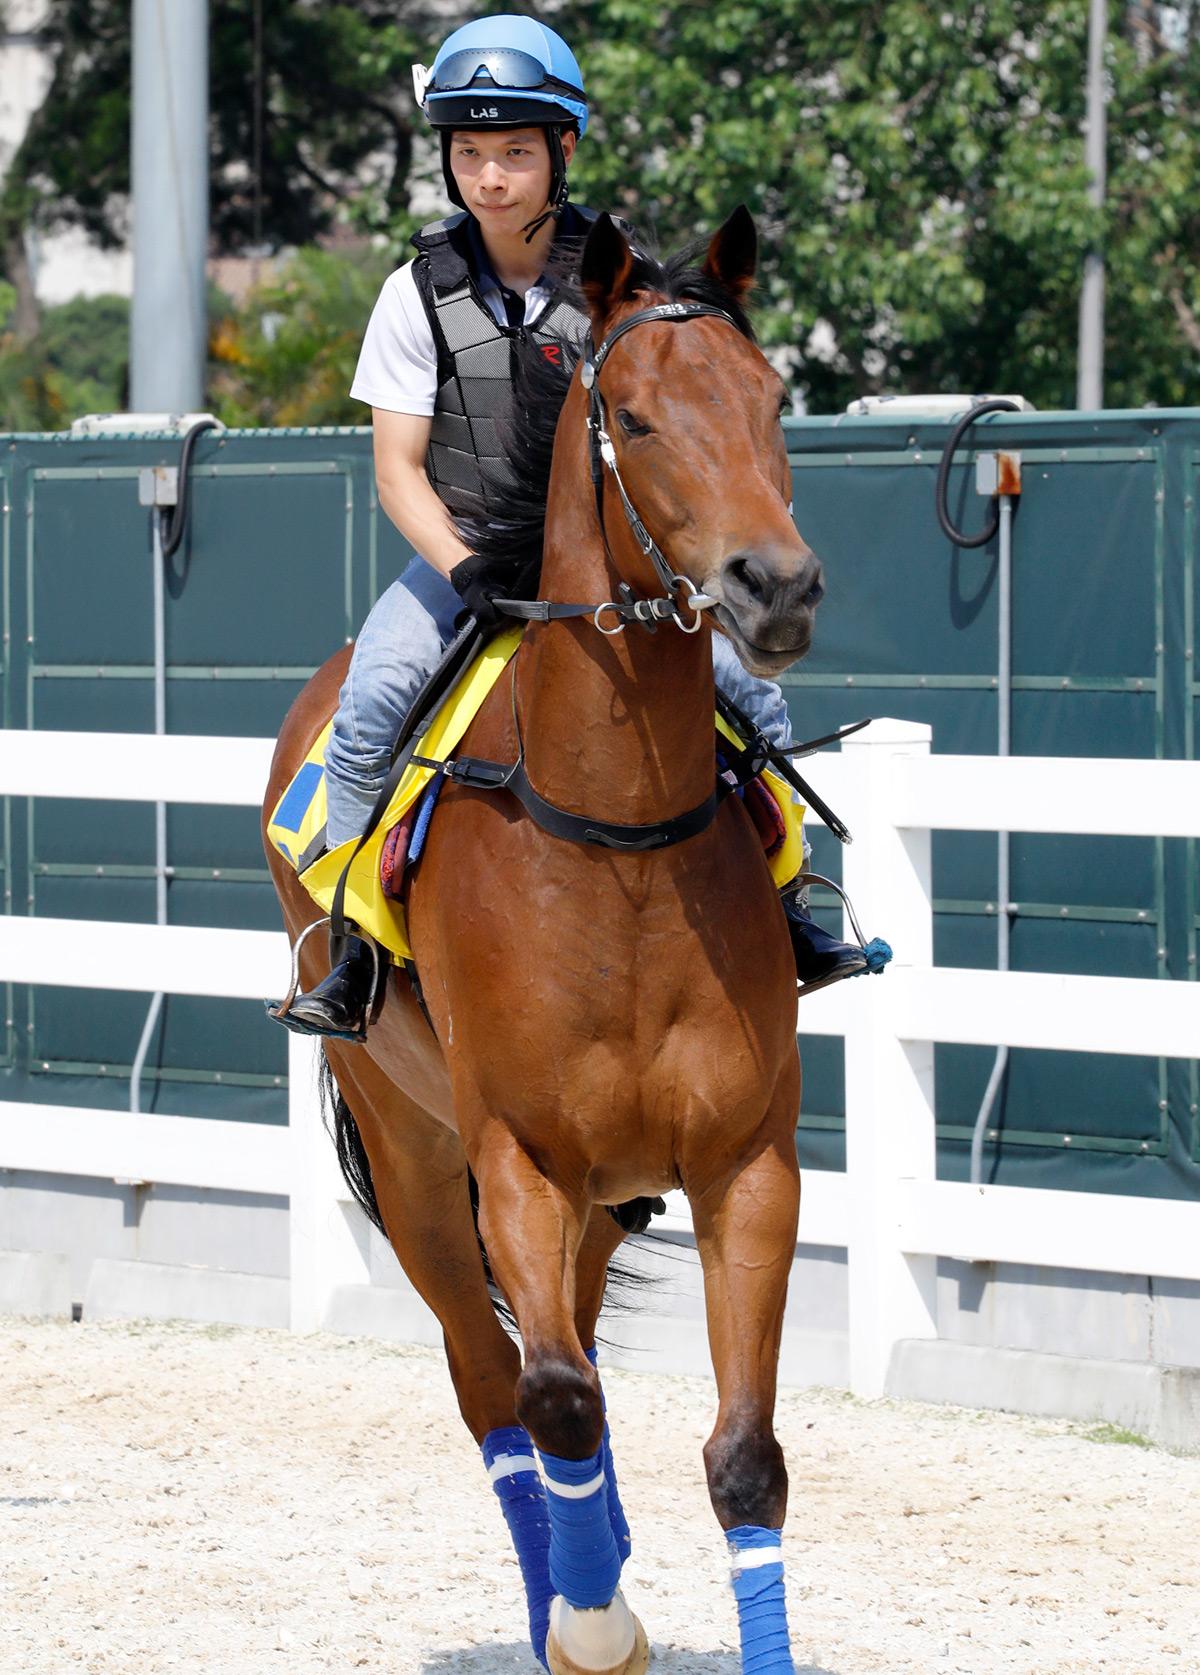 見習騎師黃俊及賽事見習學員示範策騎及照顧馬匹。